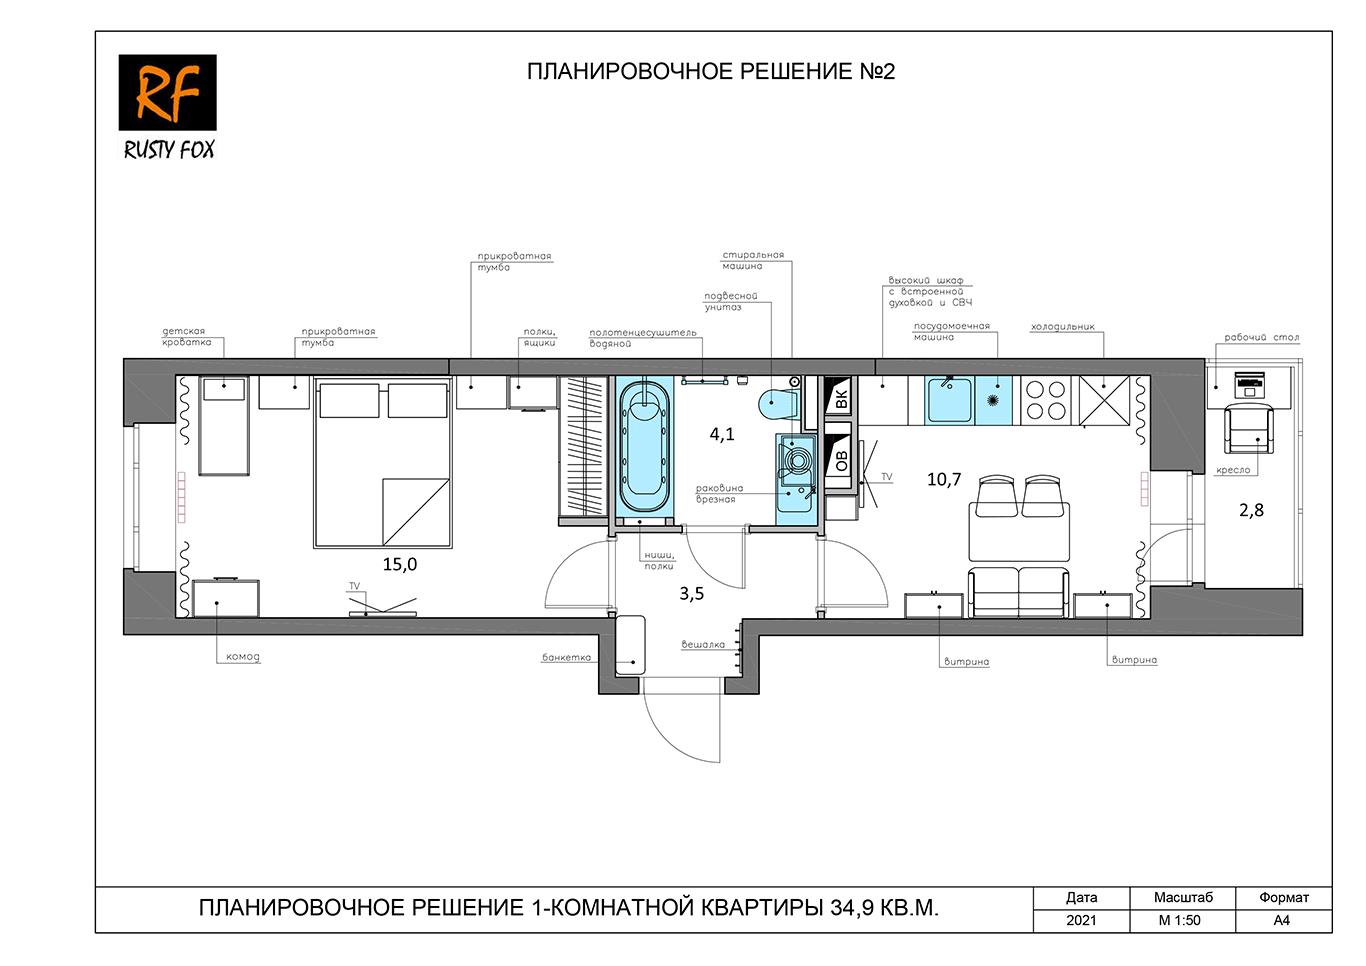 ЖК Люберцы корпус 52, секция 2. Планировочное решение №2 1-комнотной квартира 34,9 кв.м.